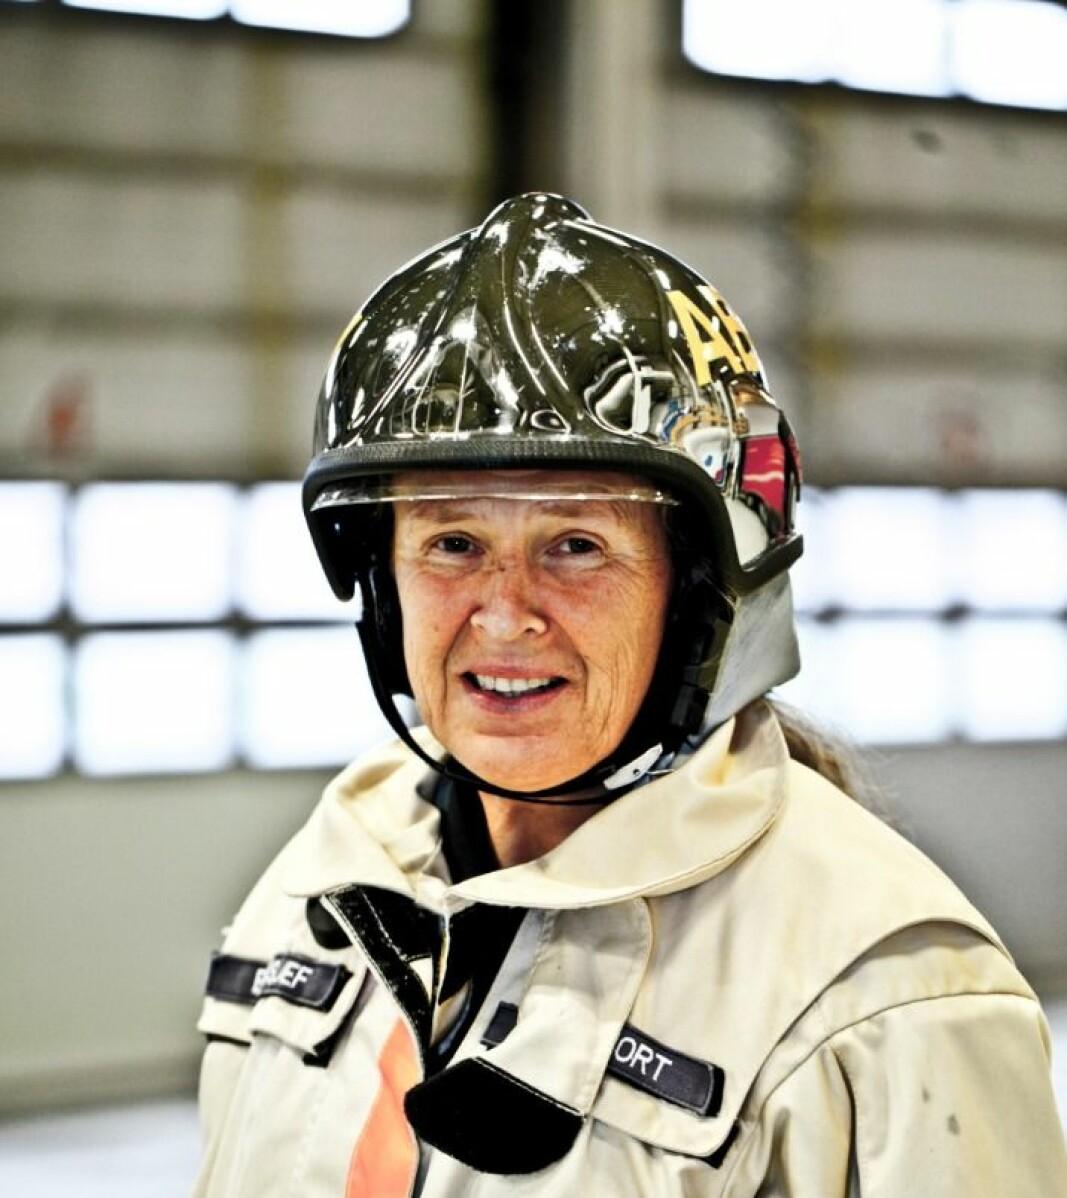 Anne Hjort har vært brannsjef i Asker og Bærum brann og redning i 15 år.